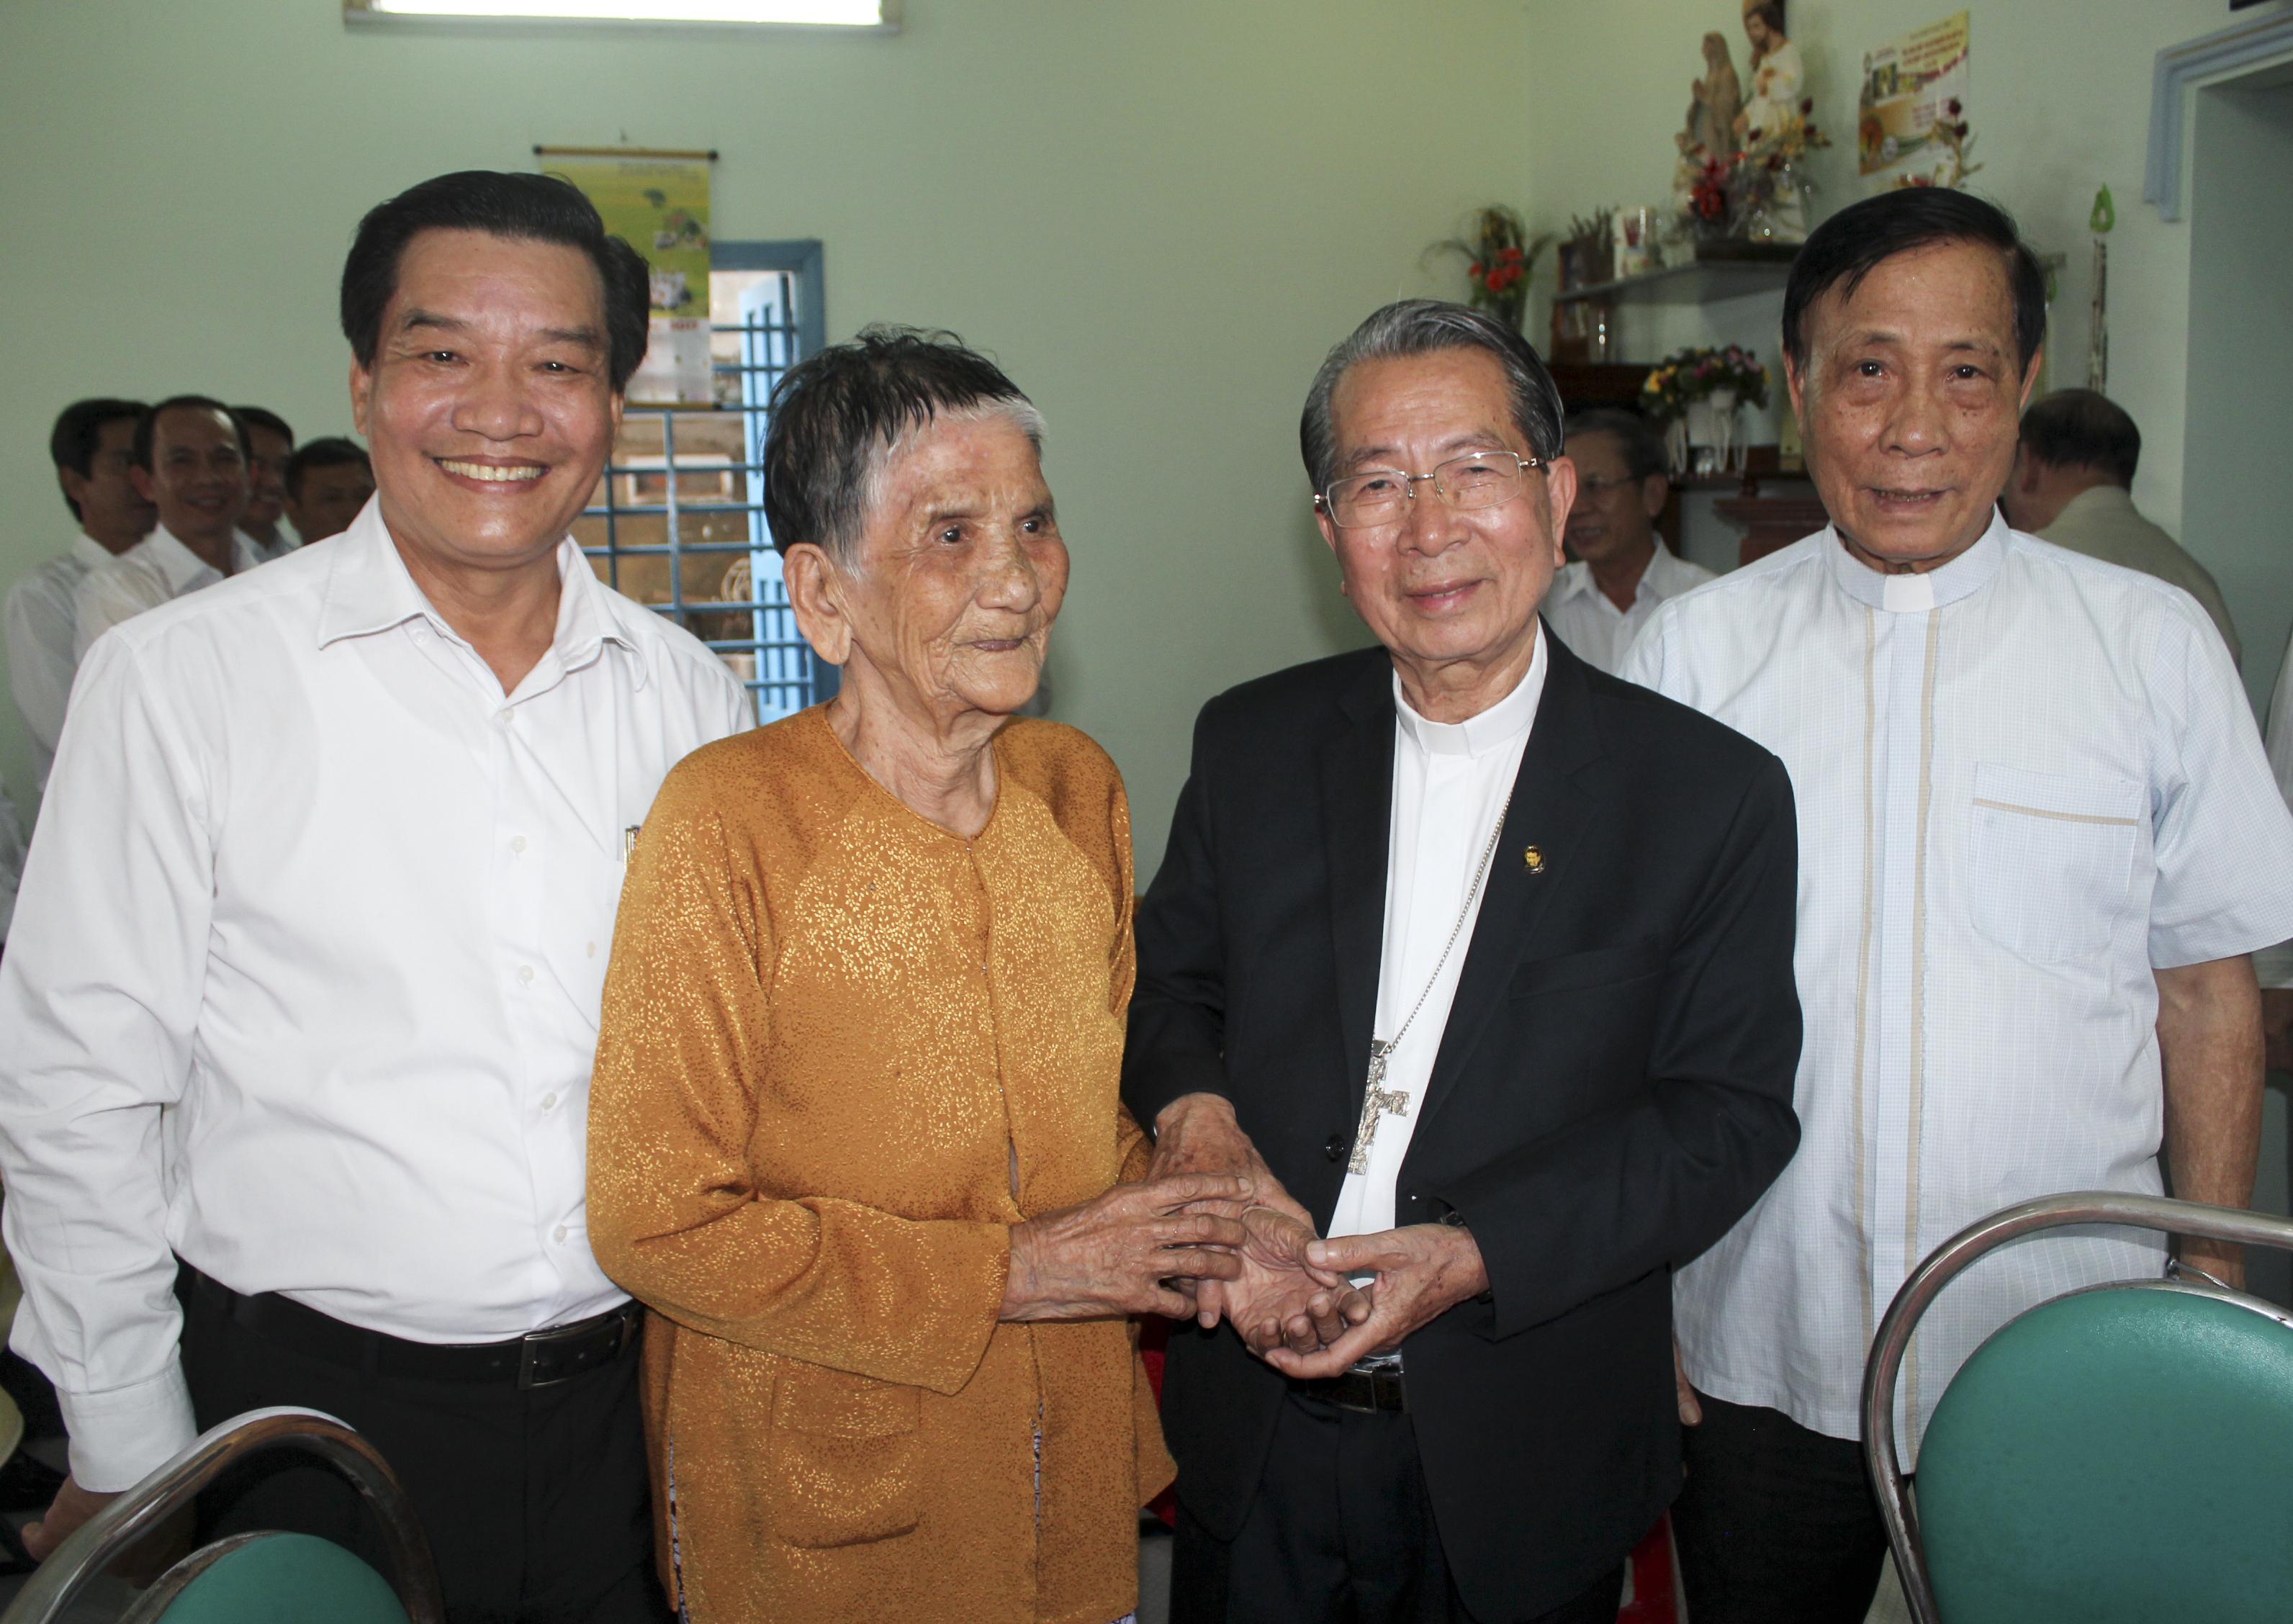 Đức Cha Phê-rô Thái Bình Thăm Nhà Nhạc Mẫu Ông Bà Trùm Tư Tại Phan Thiết